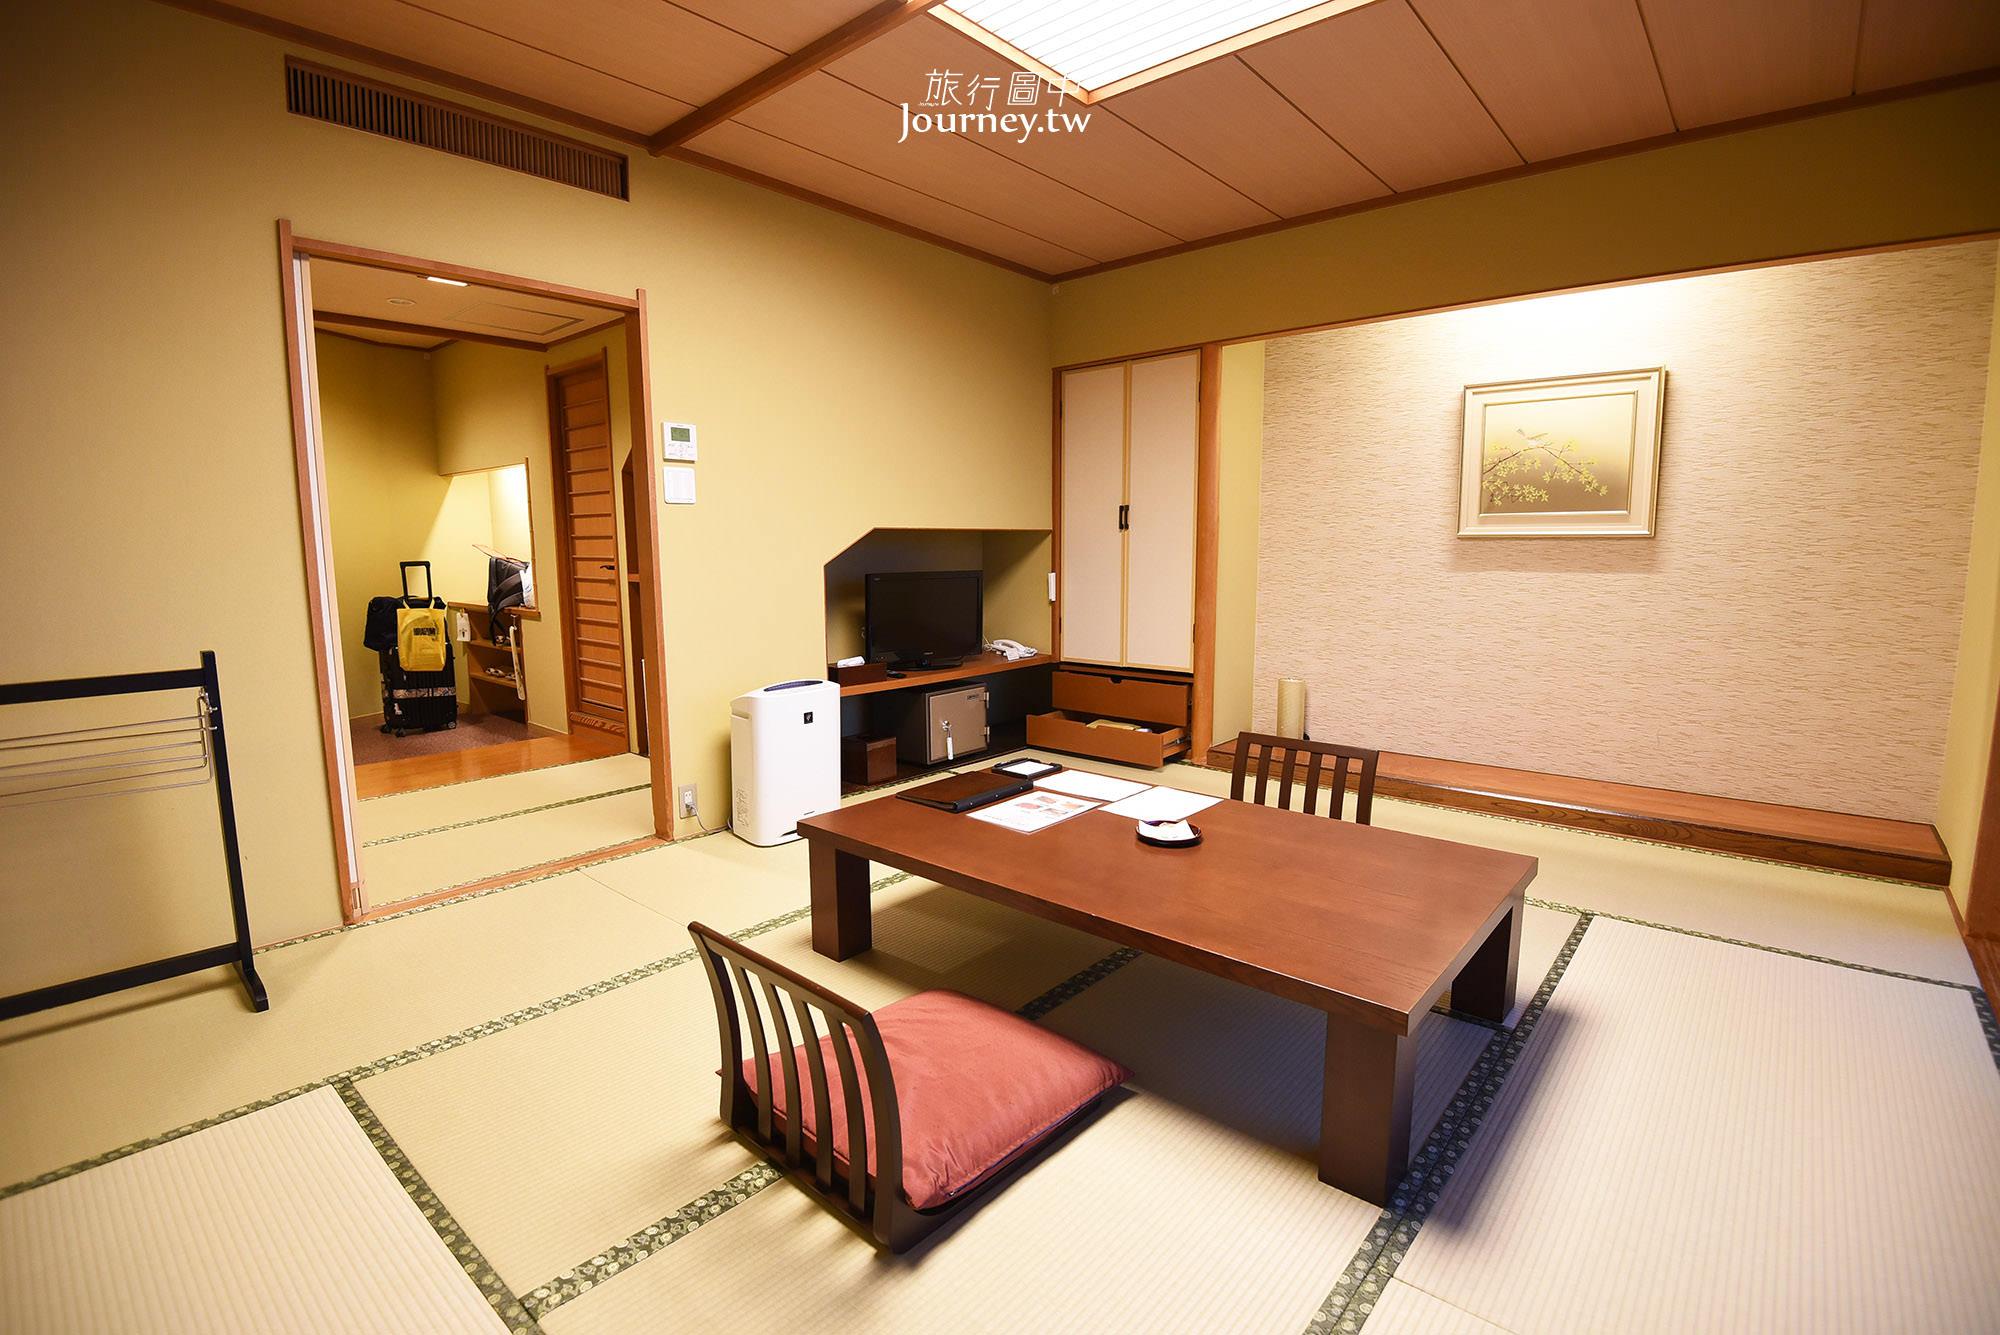 宮古住宿,淨土濱公園飯店,浄土ヶ浜パークホテル